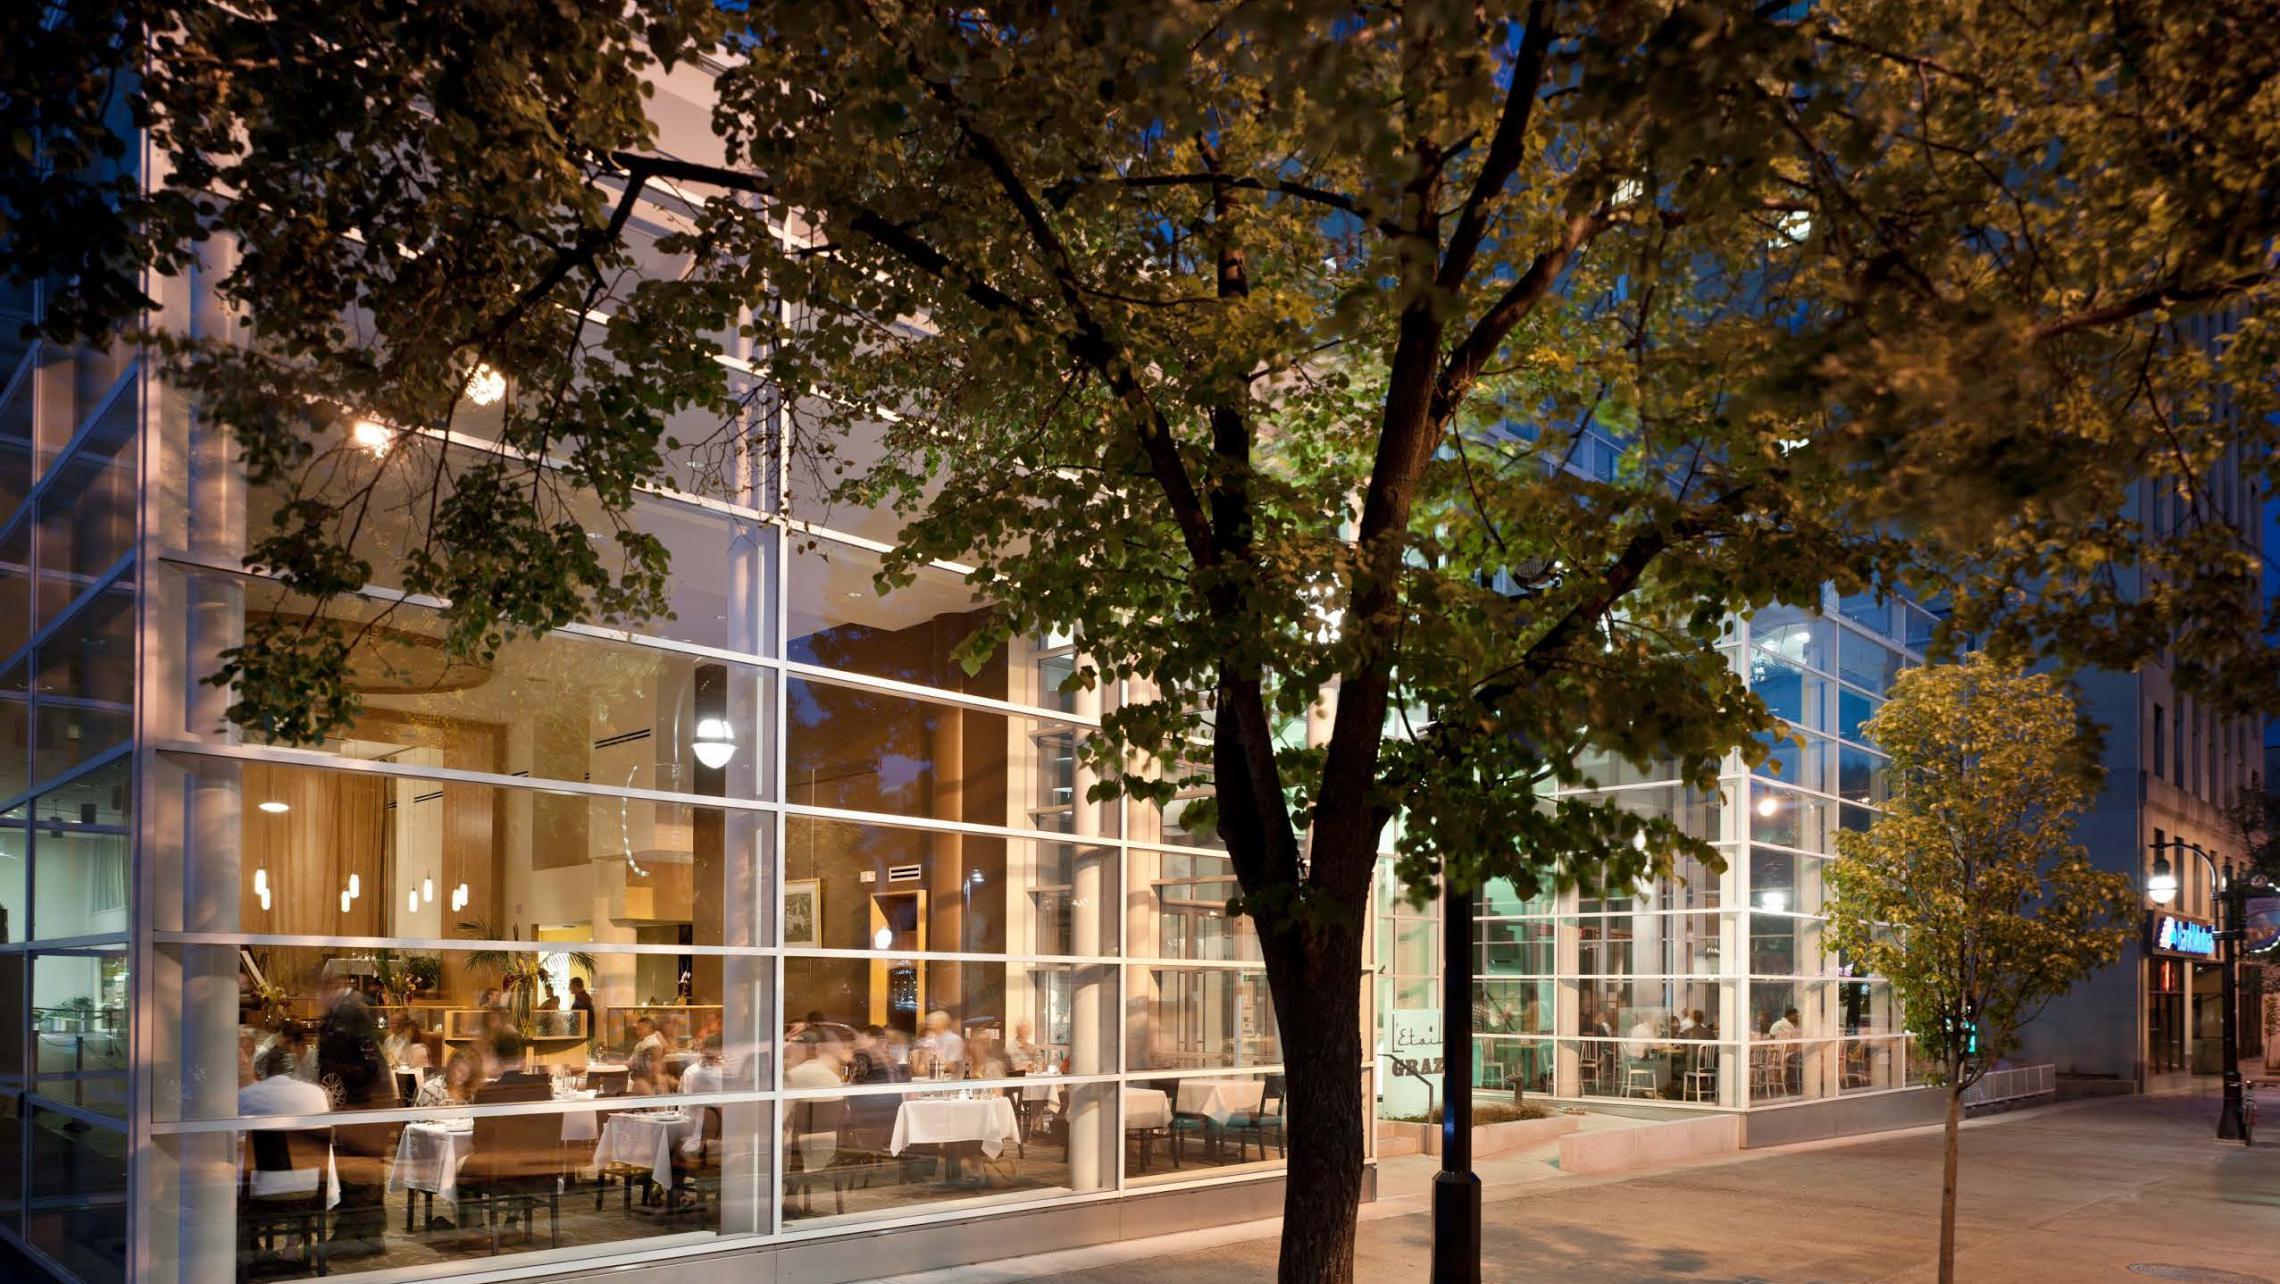 ULI US Bank Plaza - L'Etoile Restaurant